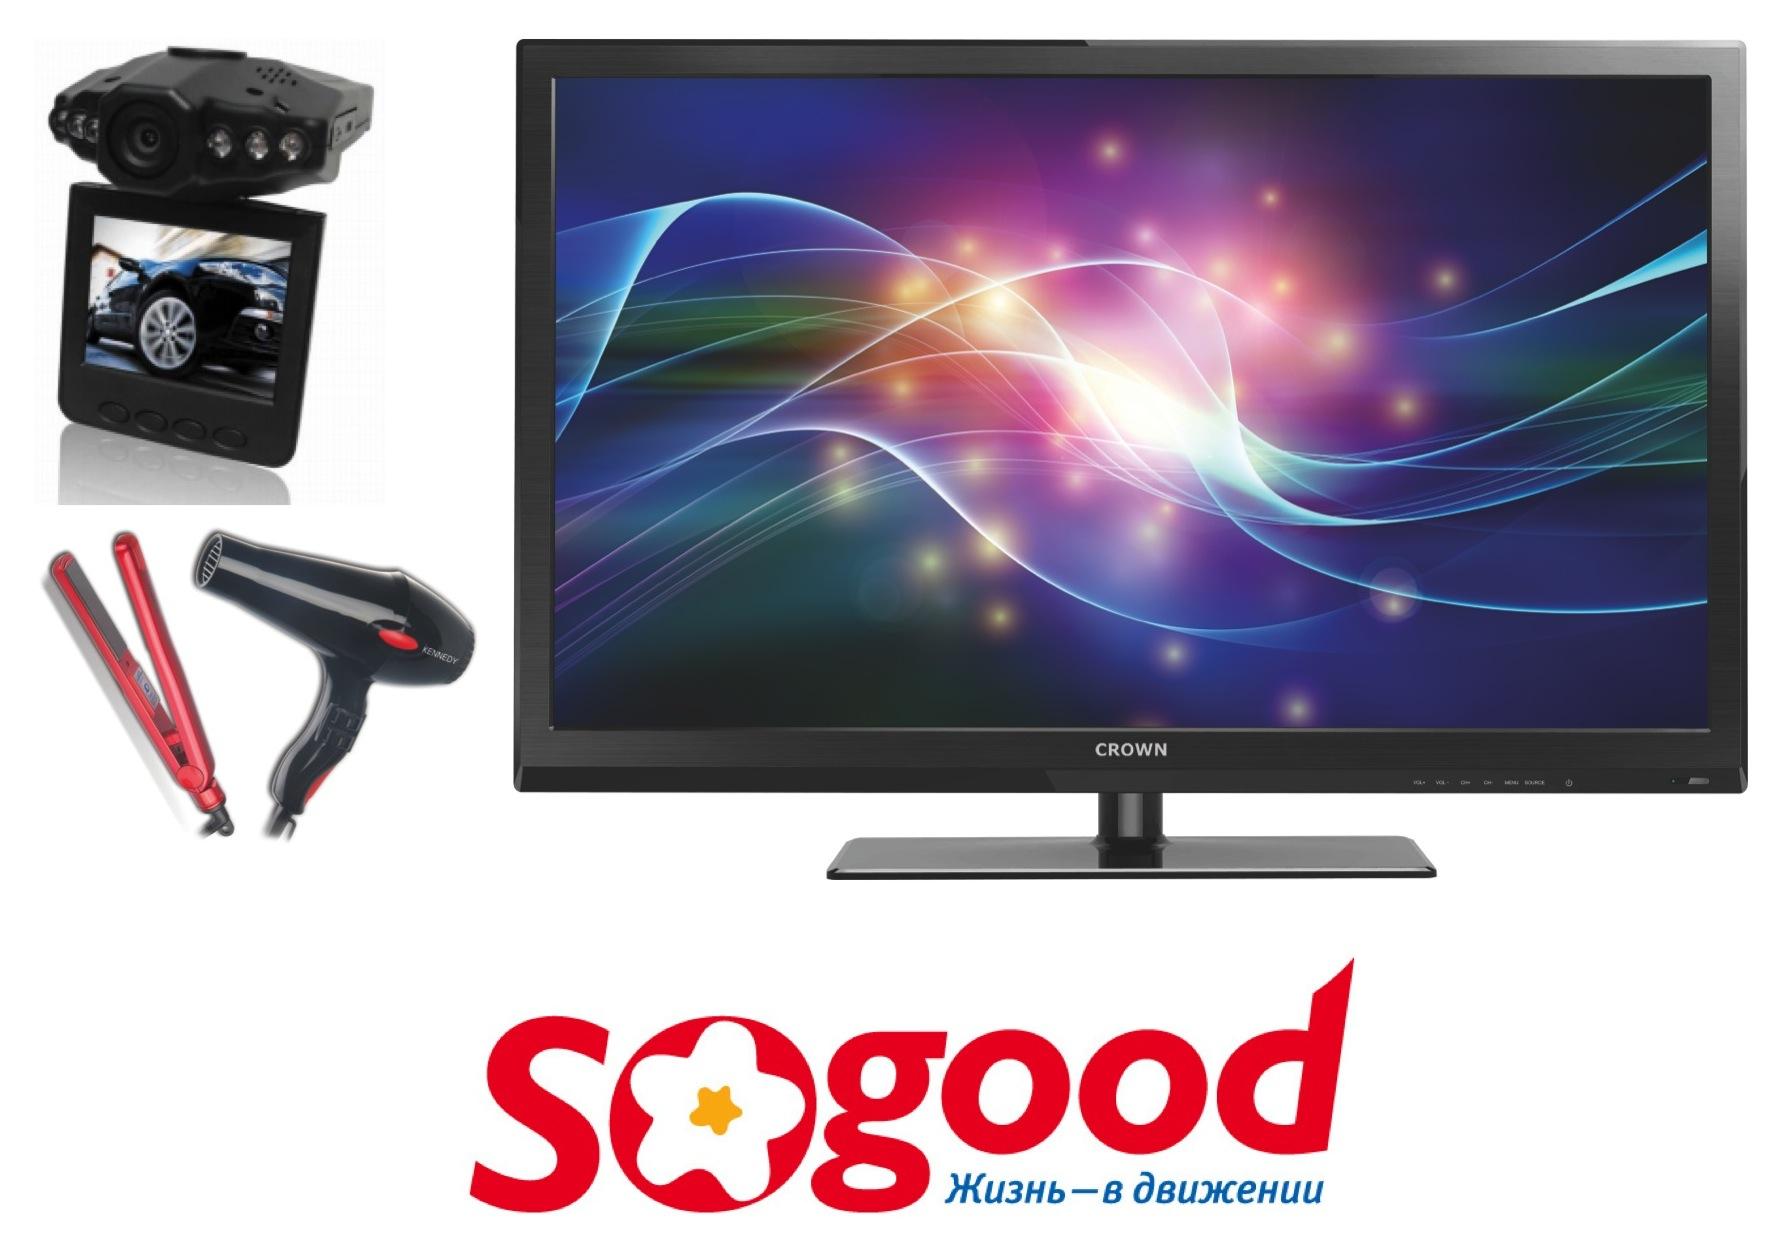 Выгодные скидки на покупку электротоваров в магазинах при заправках Sonol